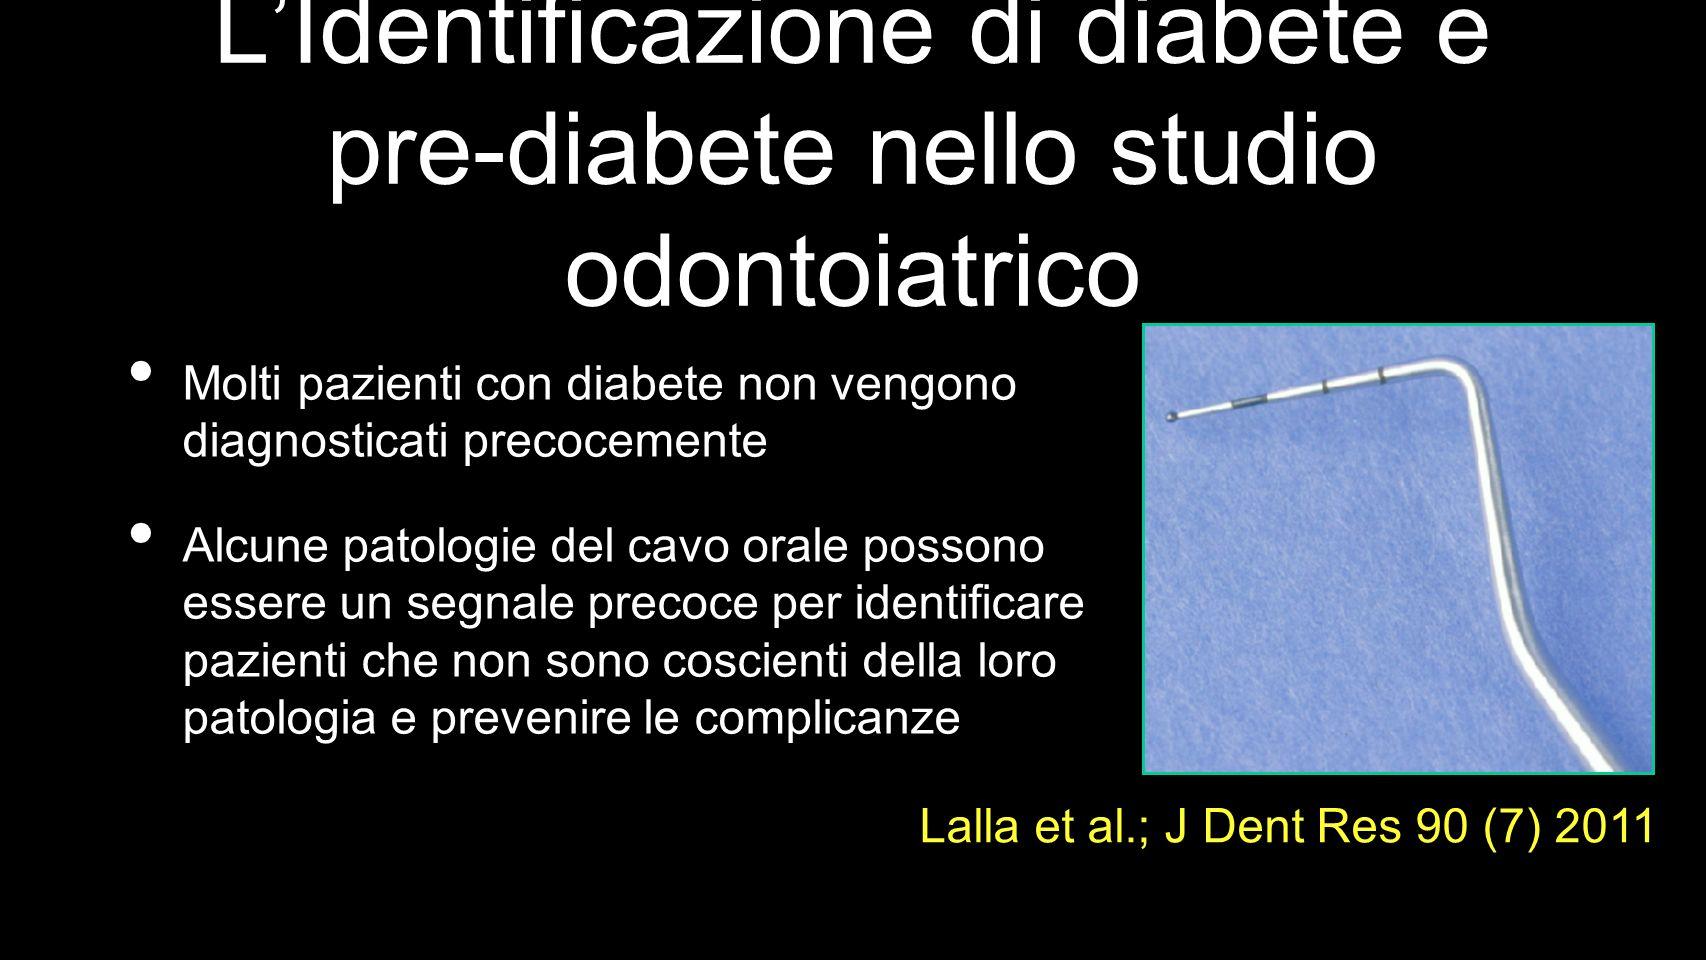 L'Identificazione di diabete e pre-diabete nello studio odontoiatrico